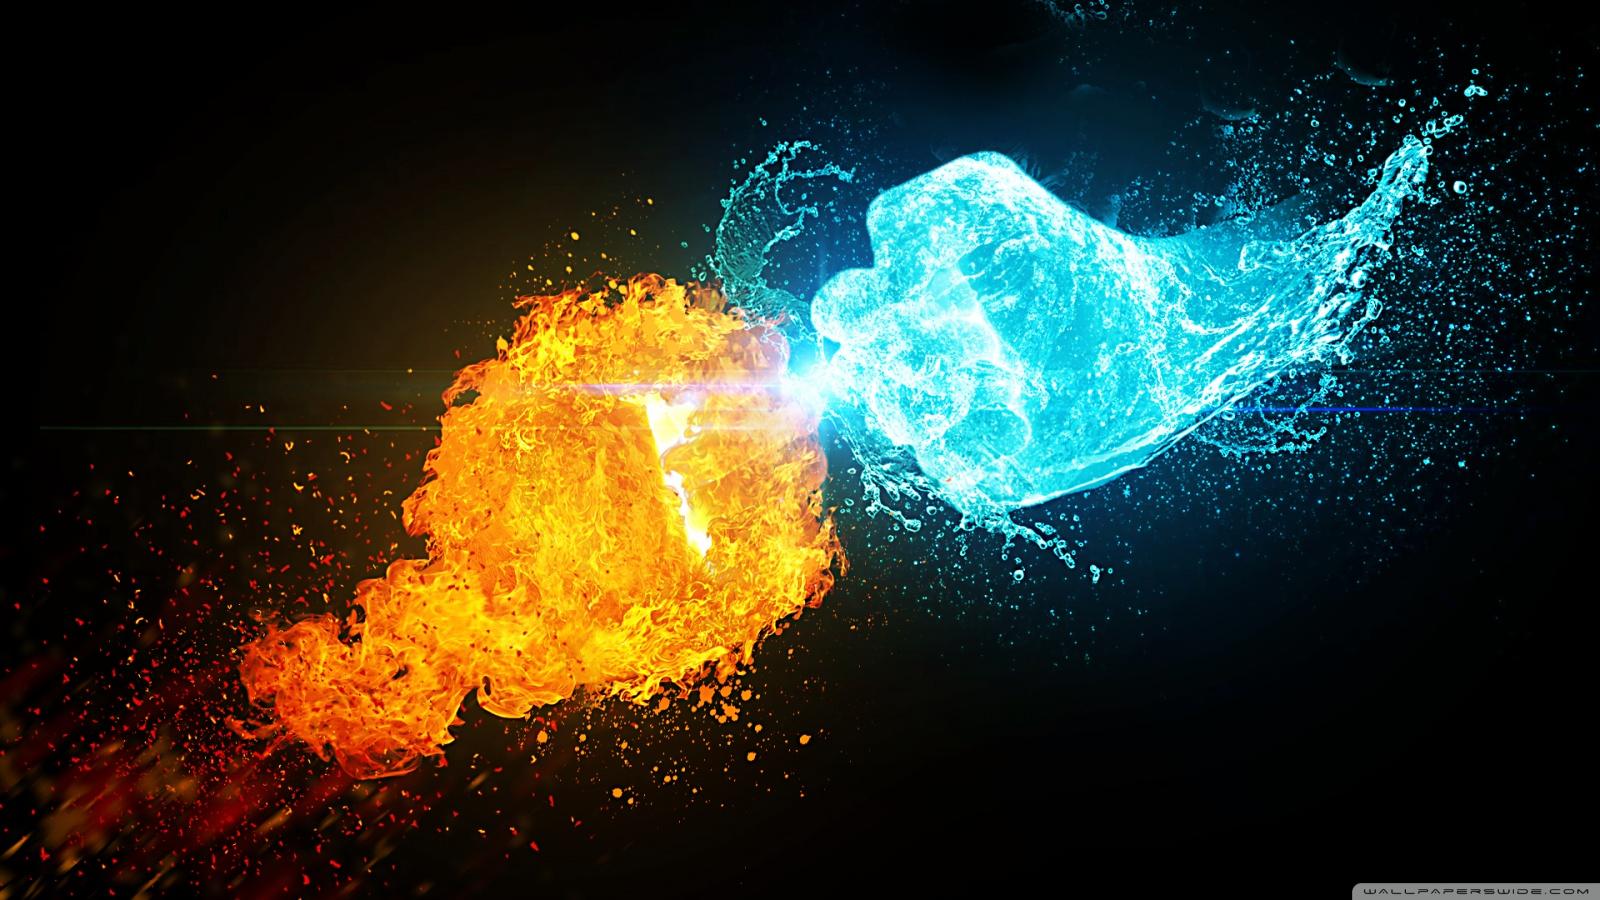 Fire vs Ice 4K HD Desktop Wallpaper for 4K Ultra HD TV  Wide  Ultra Widescreen Displays